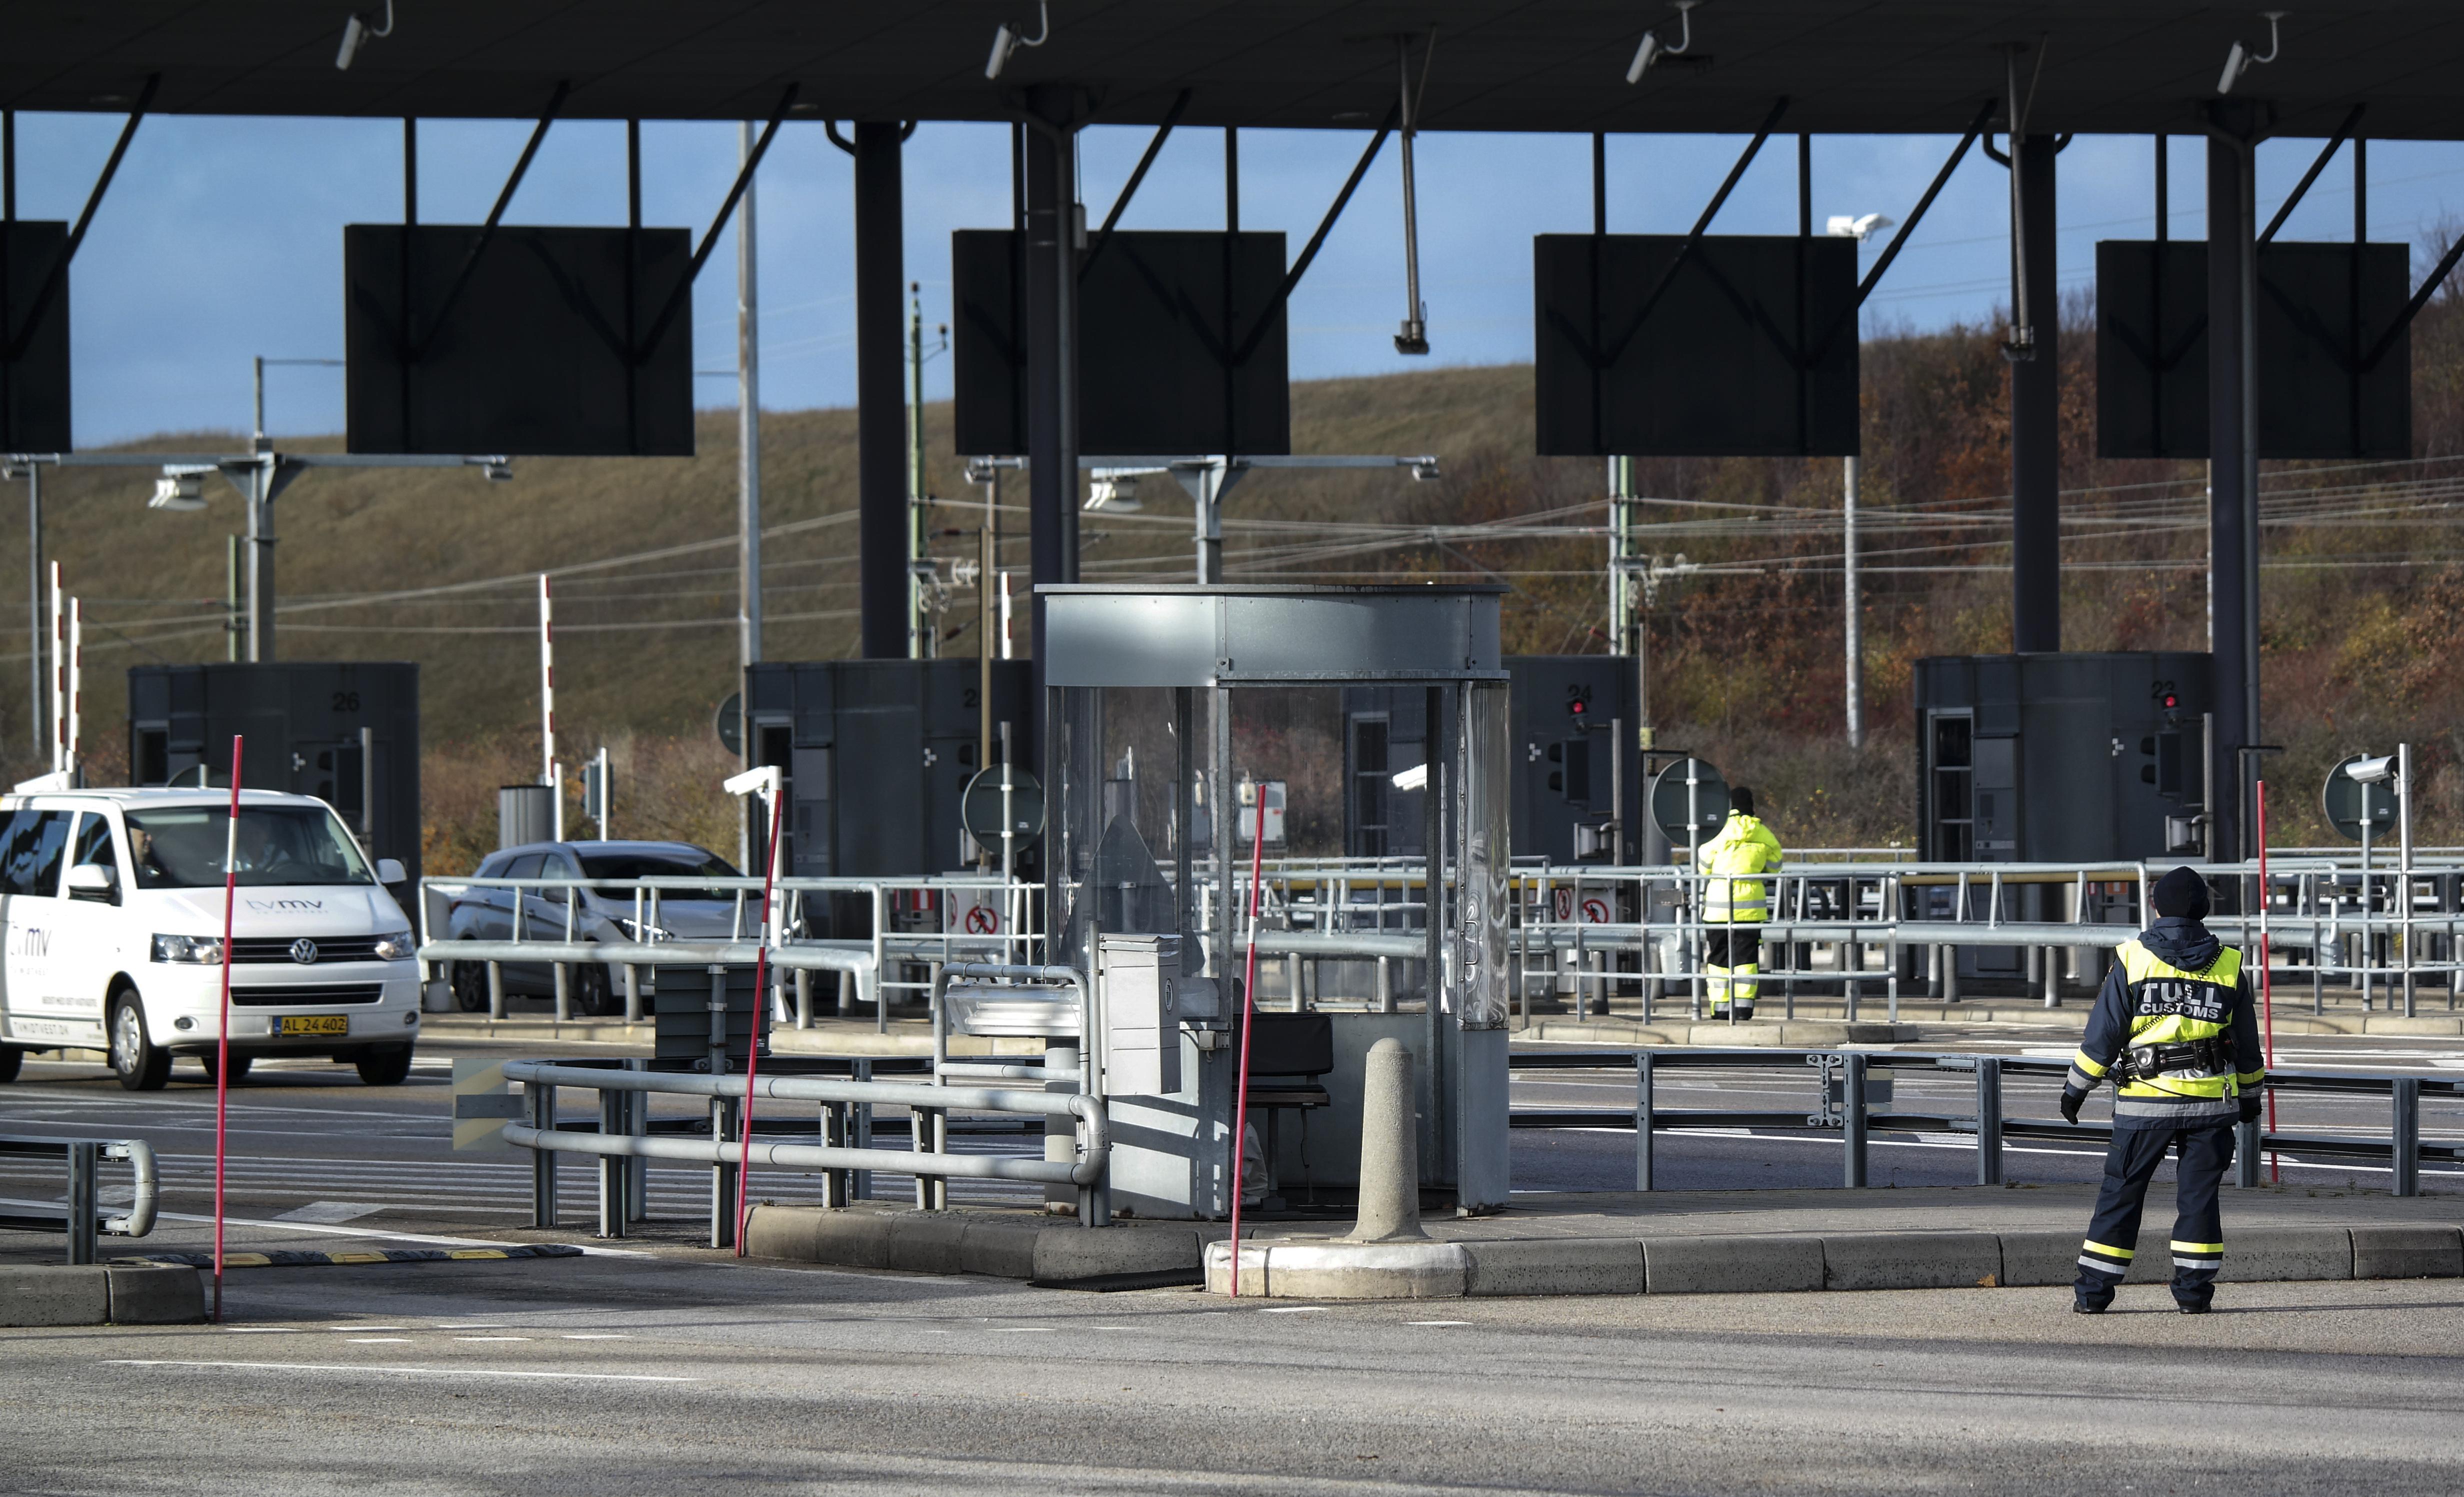 Szivárog az EU terve: Schengent év végéig fel lehet függeszteni